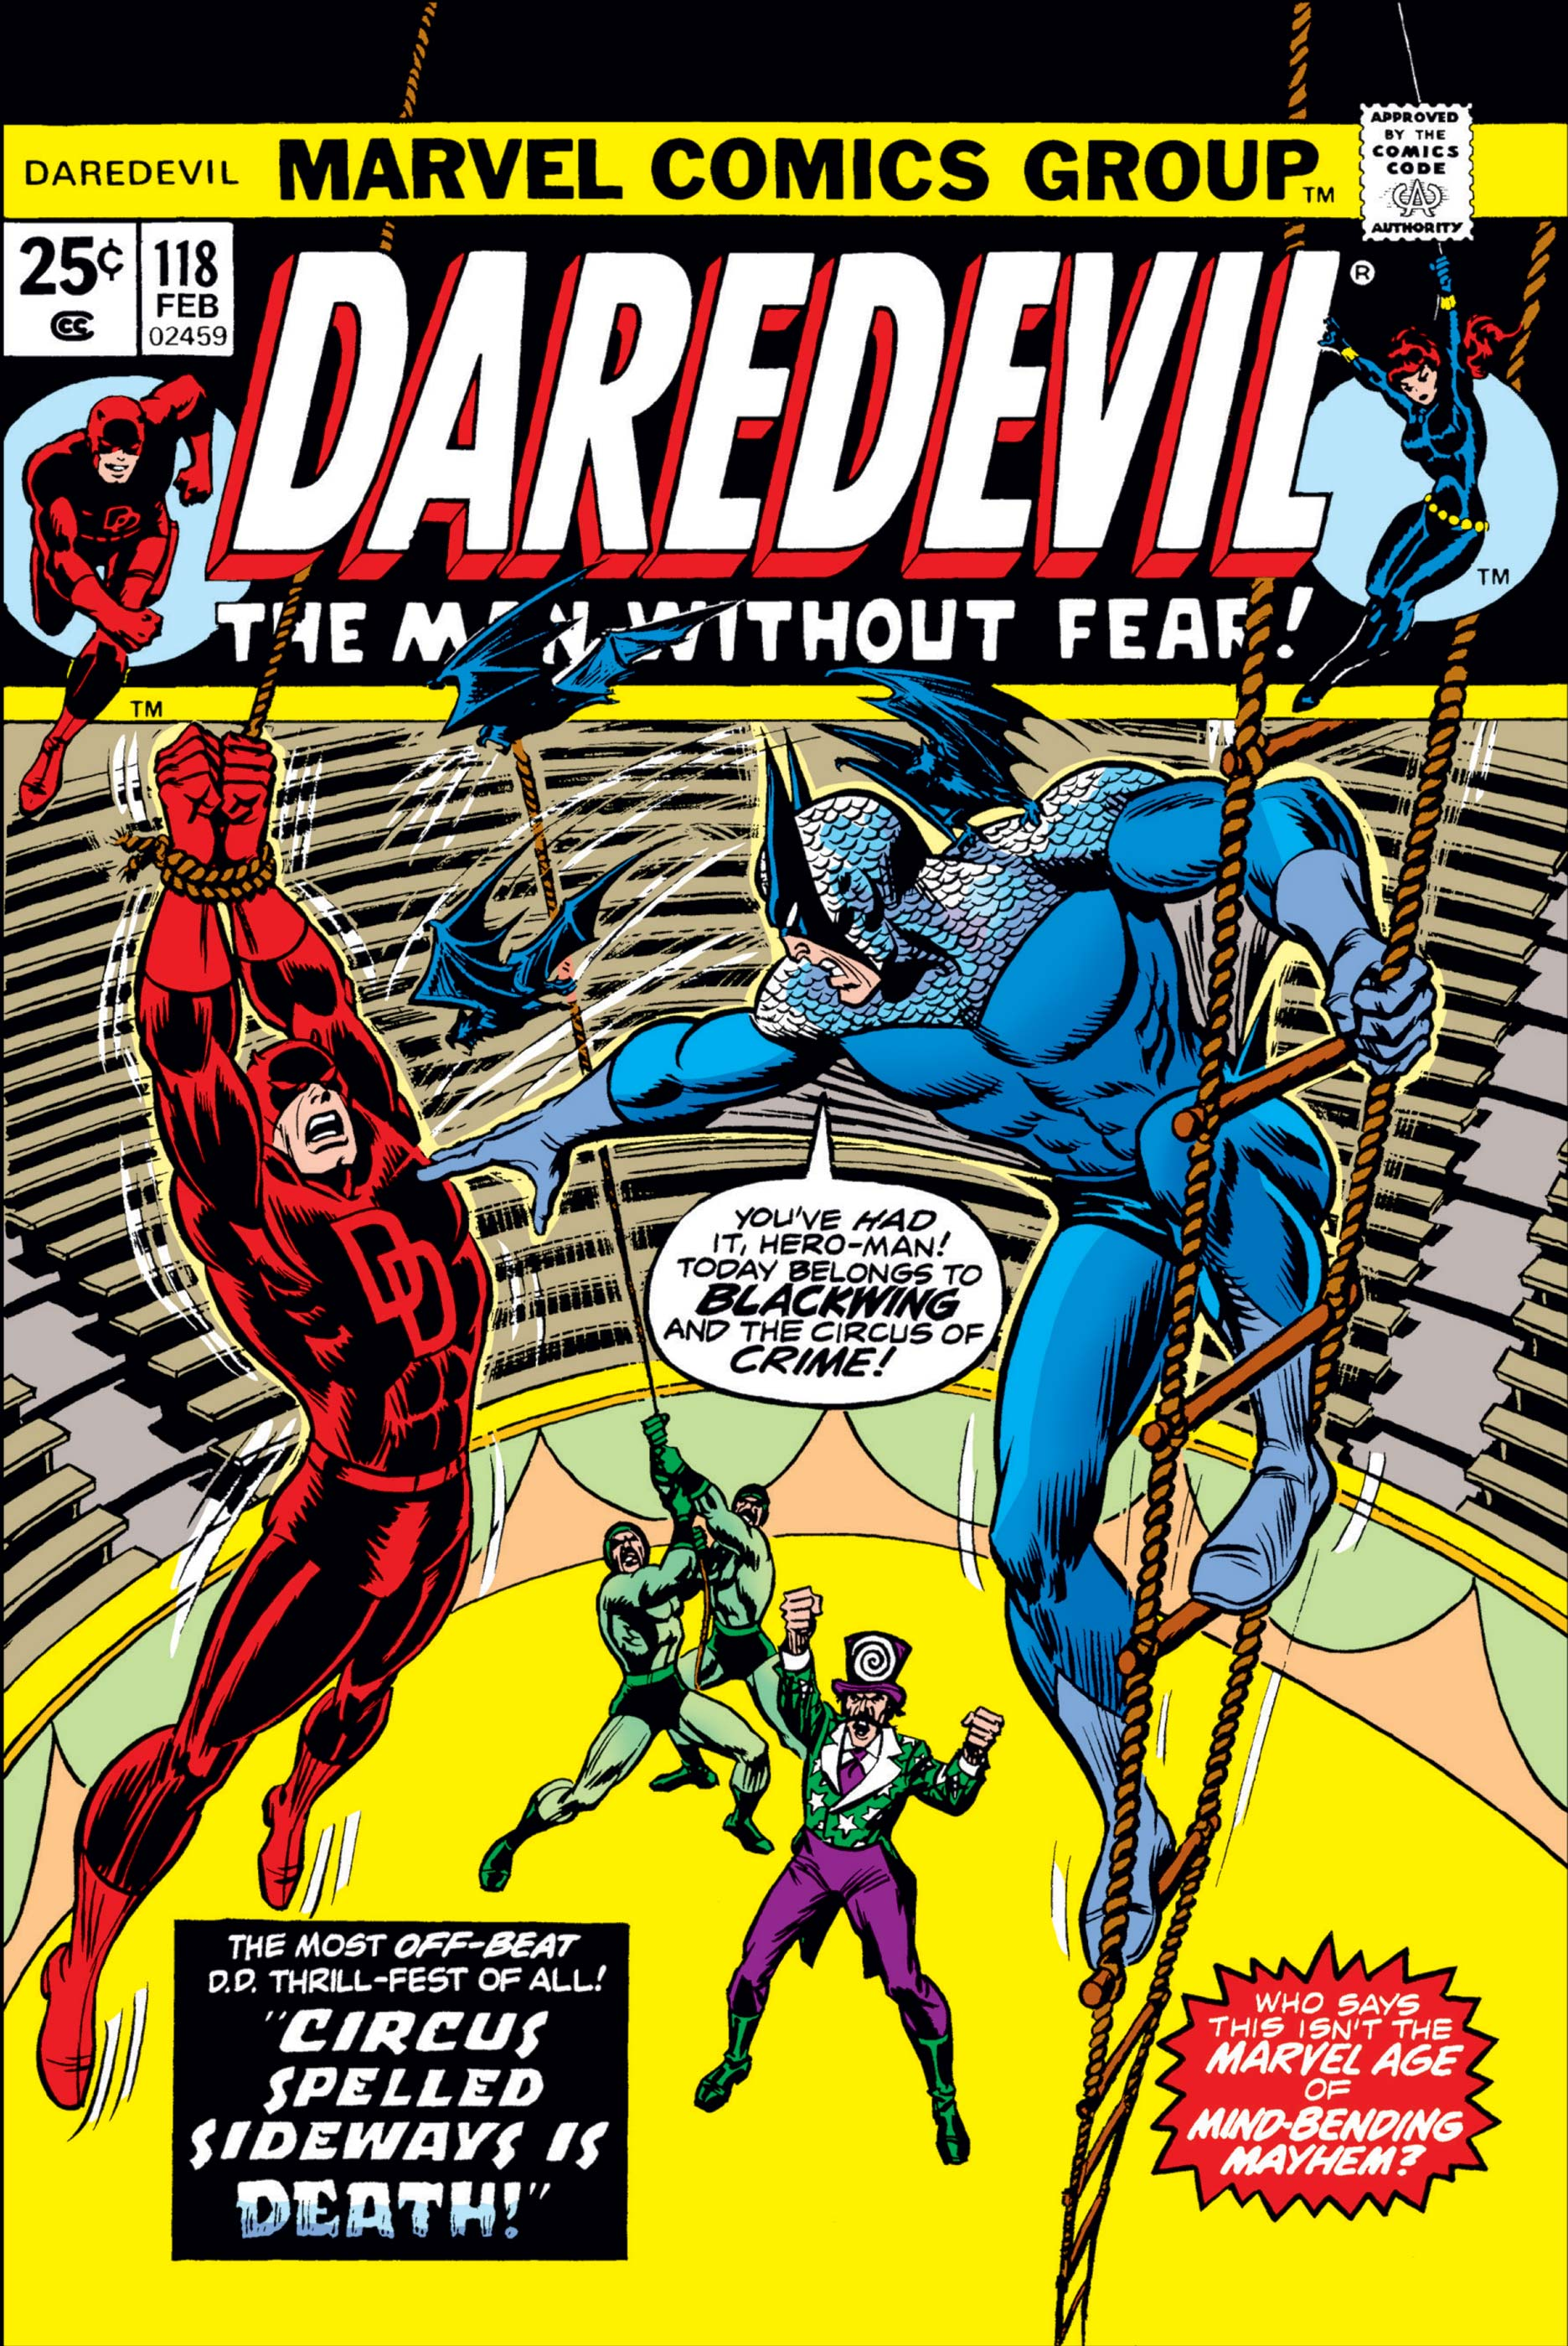 Daredevil (1964) #118